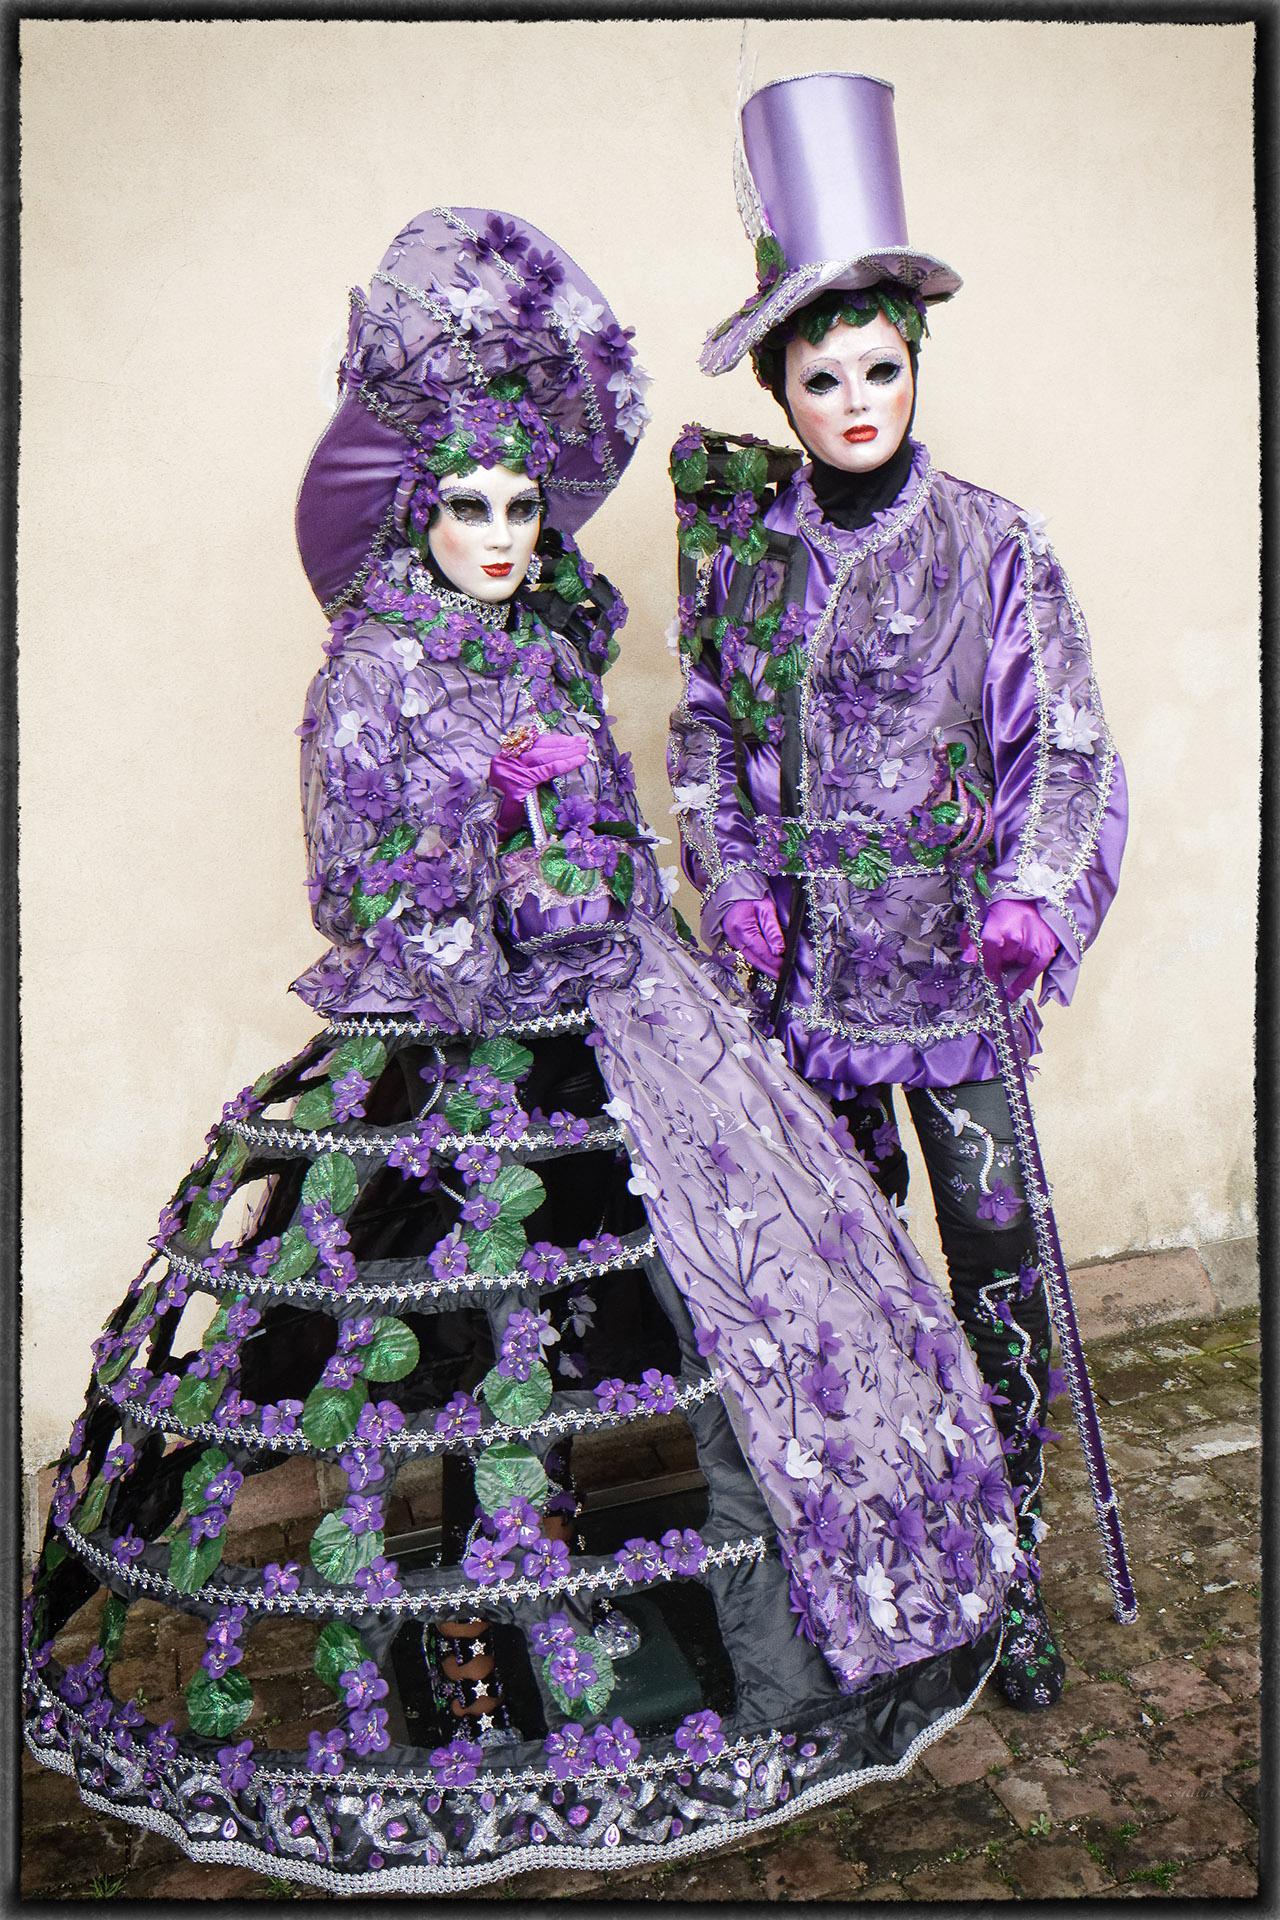 Tout de violet vêtus - Photo J.Monnin